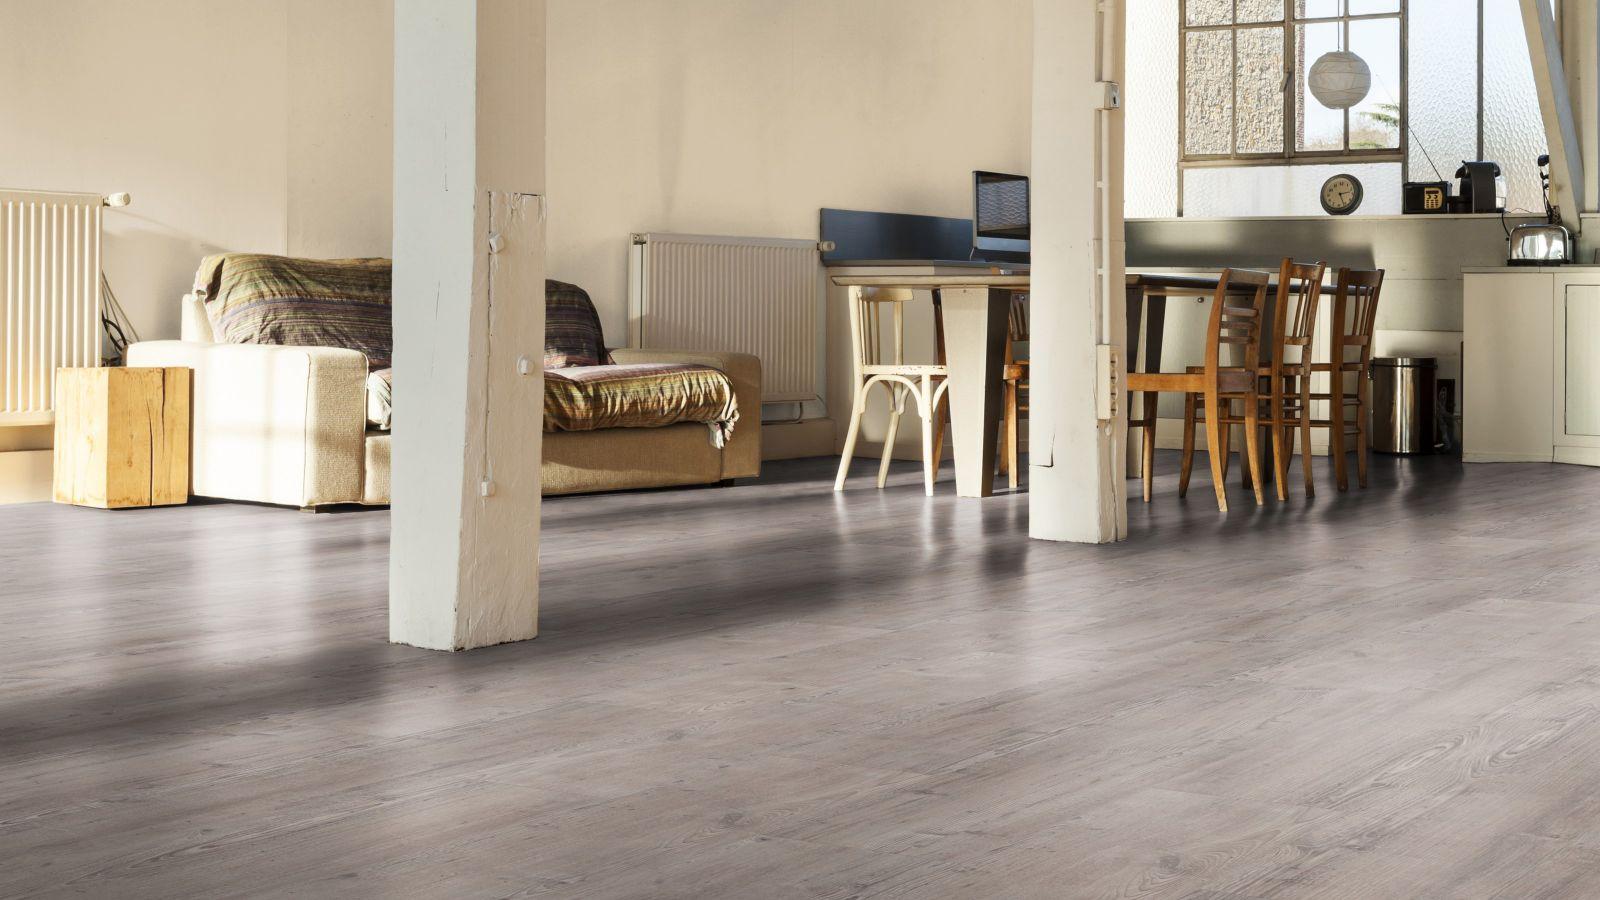 Vloerverwarming met pvc vloeren mflorshop - Hardhouten vloeren vloerverwarming ...